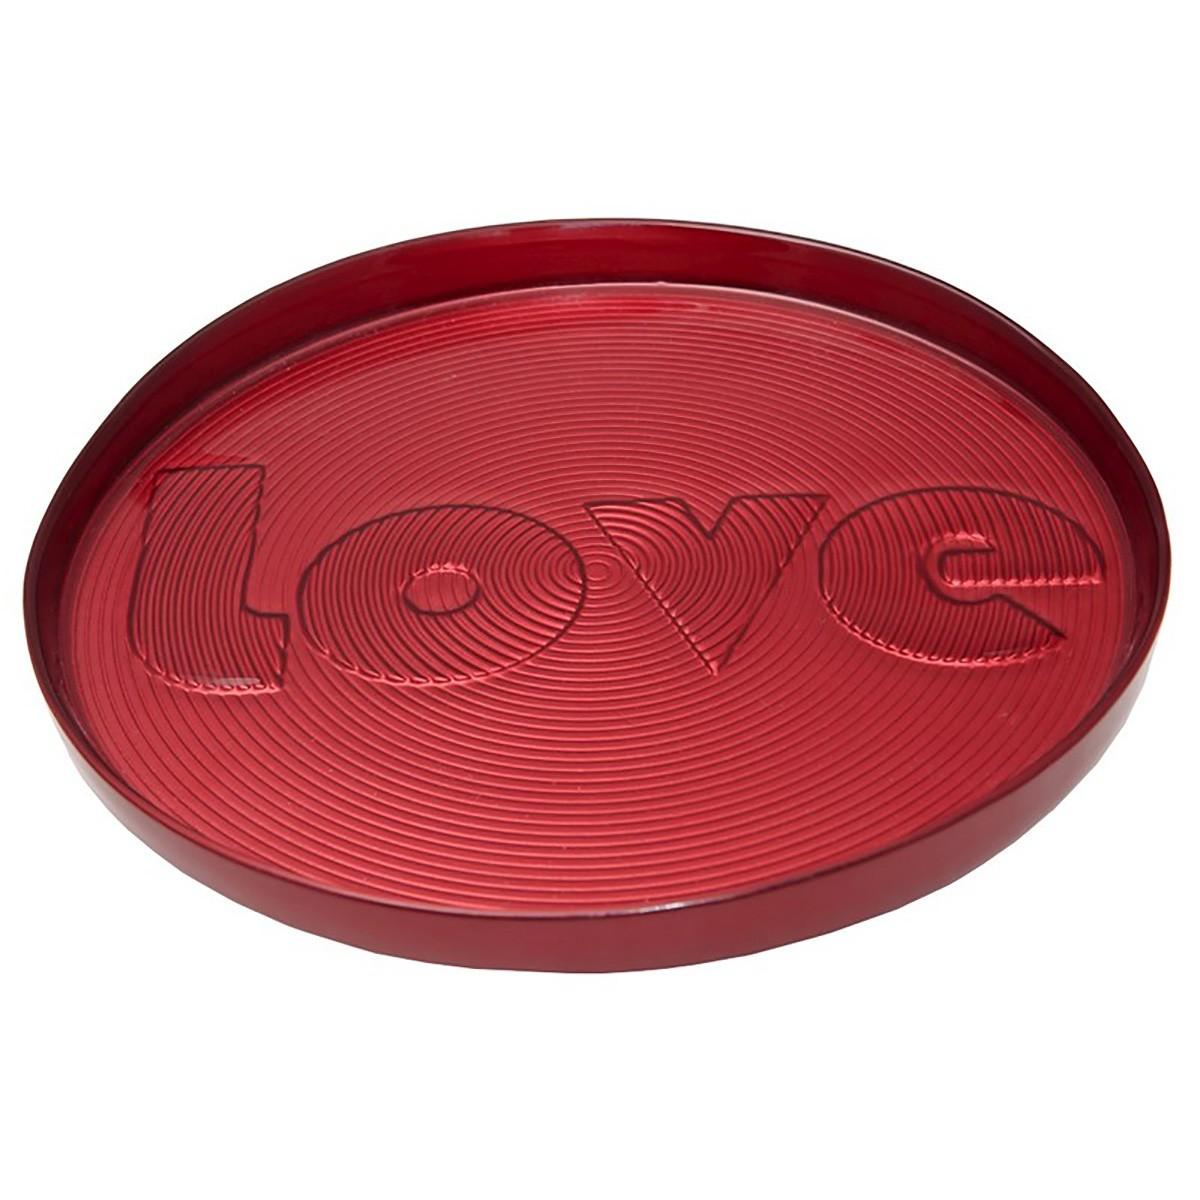 Πιατέλα Σερβιρίσματος Espiel Love Red HOR1430K1 home   κουζίνα   τραπεζαρία   είδη σερβιρίσματος